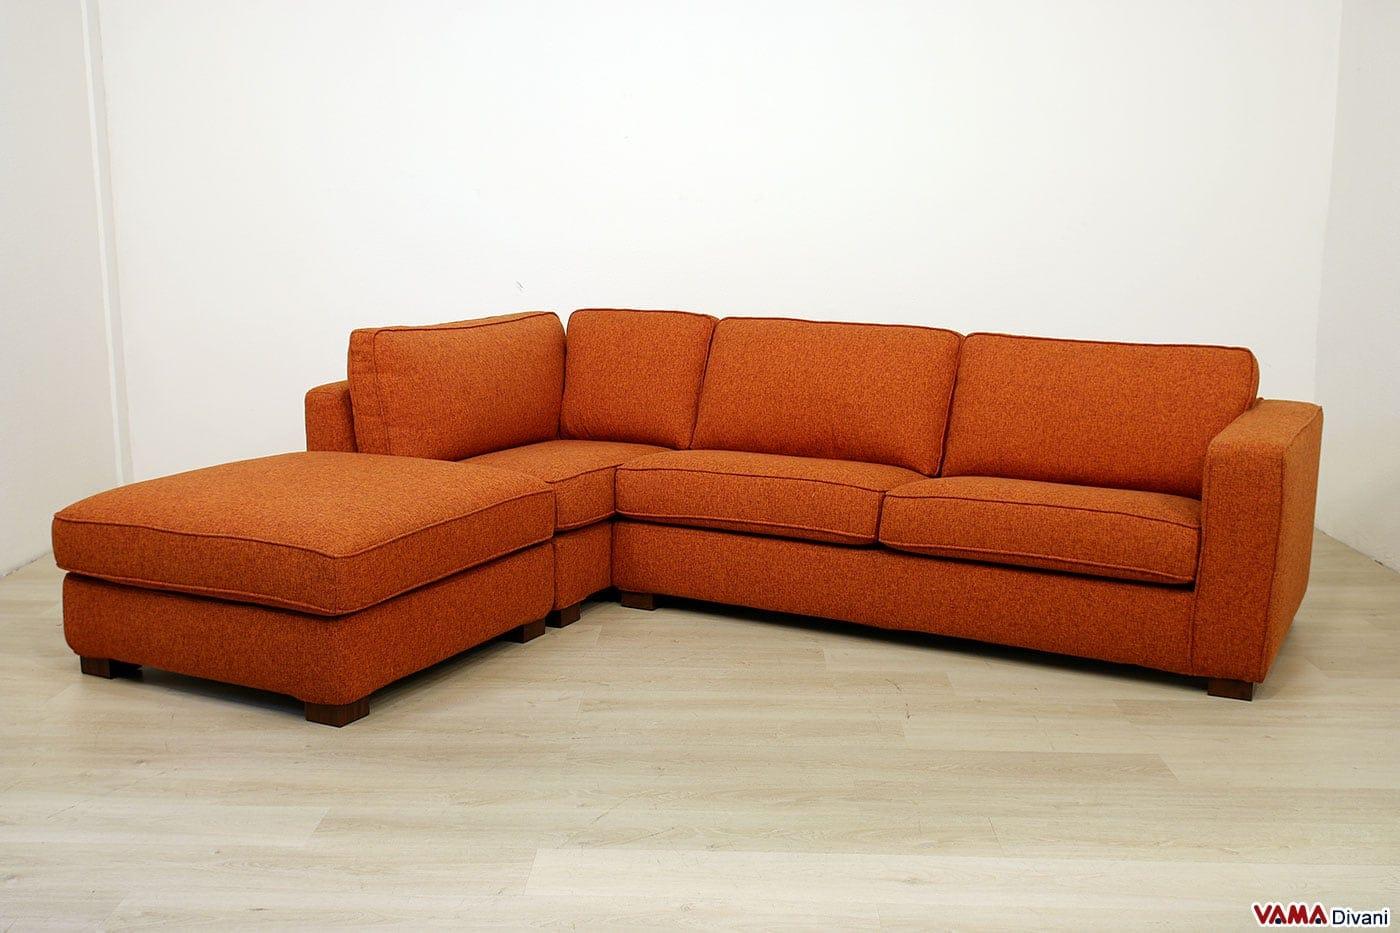 Divano angolare componibile arancione in offerta sconto 50 for Offerte divani angolari in tessuto